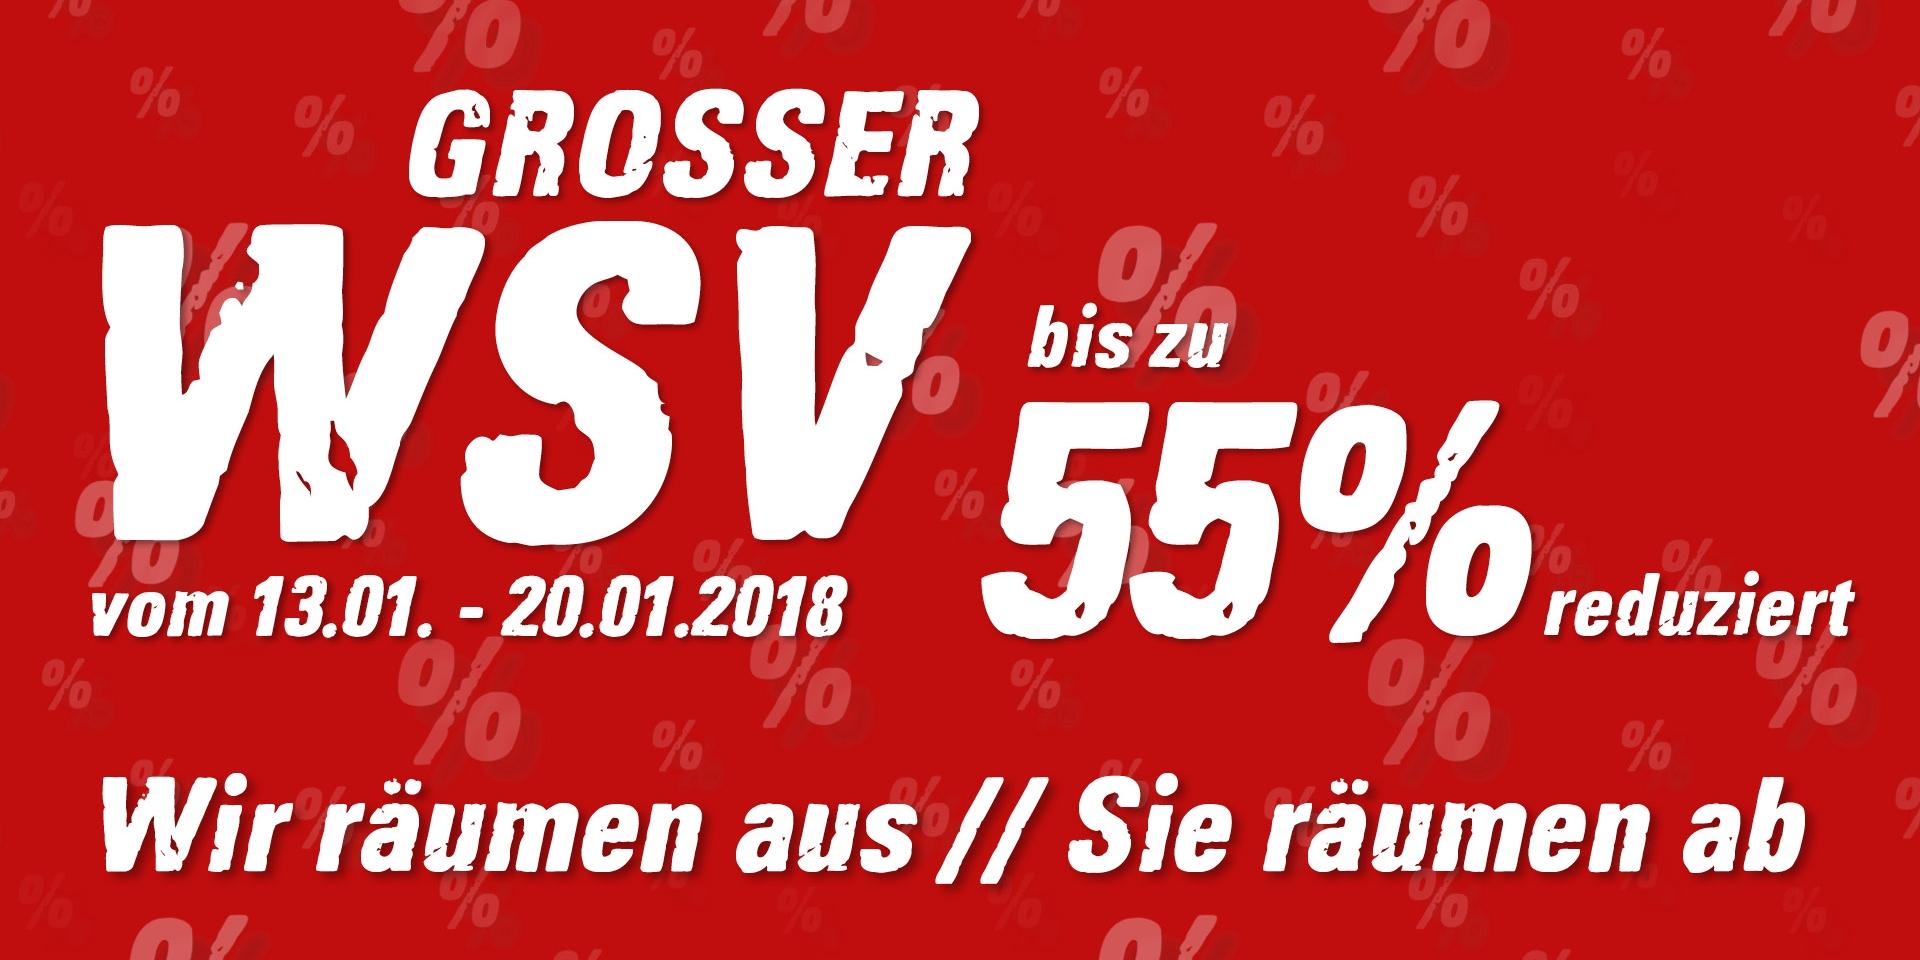 Winterschlussverkauf bei Intersport Hübner